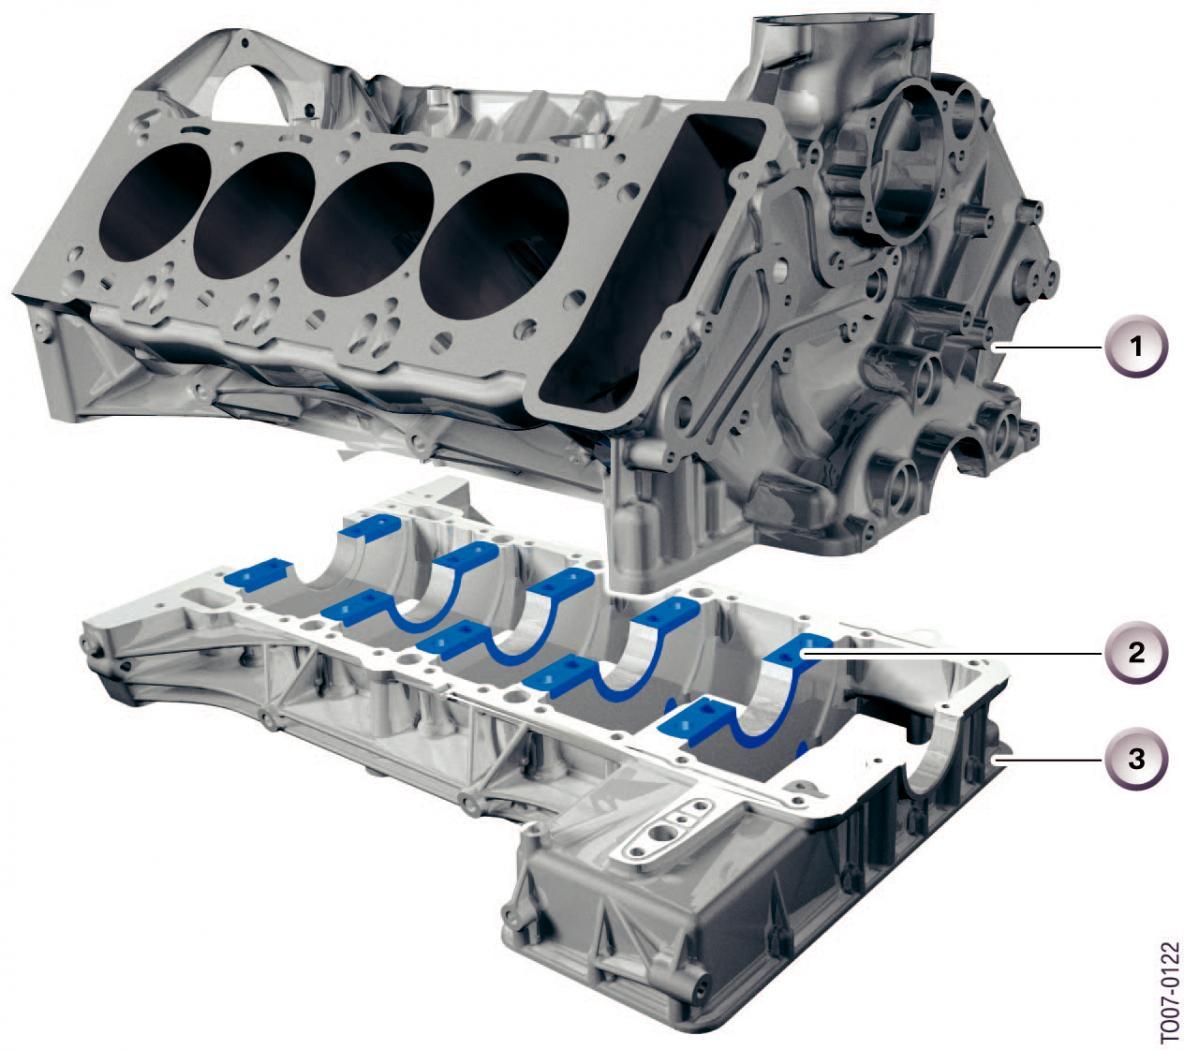 M3 E92 Moteur V8 S65b40 Page 1 M3 E92 Forumbmwnet